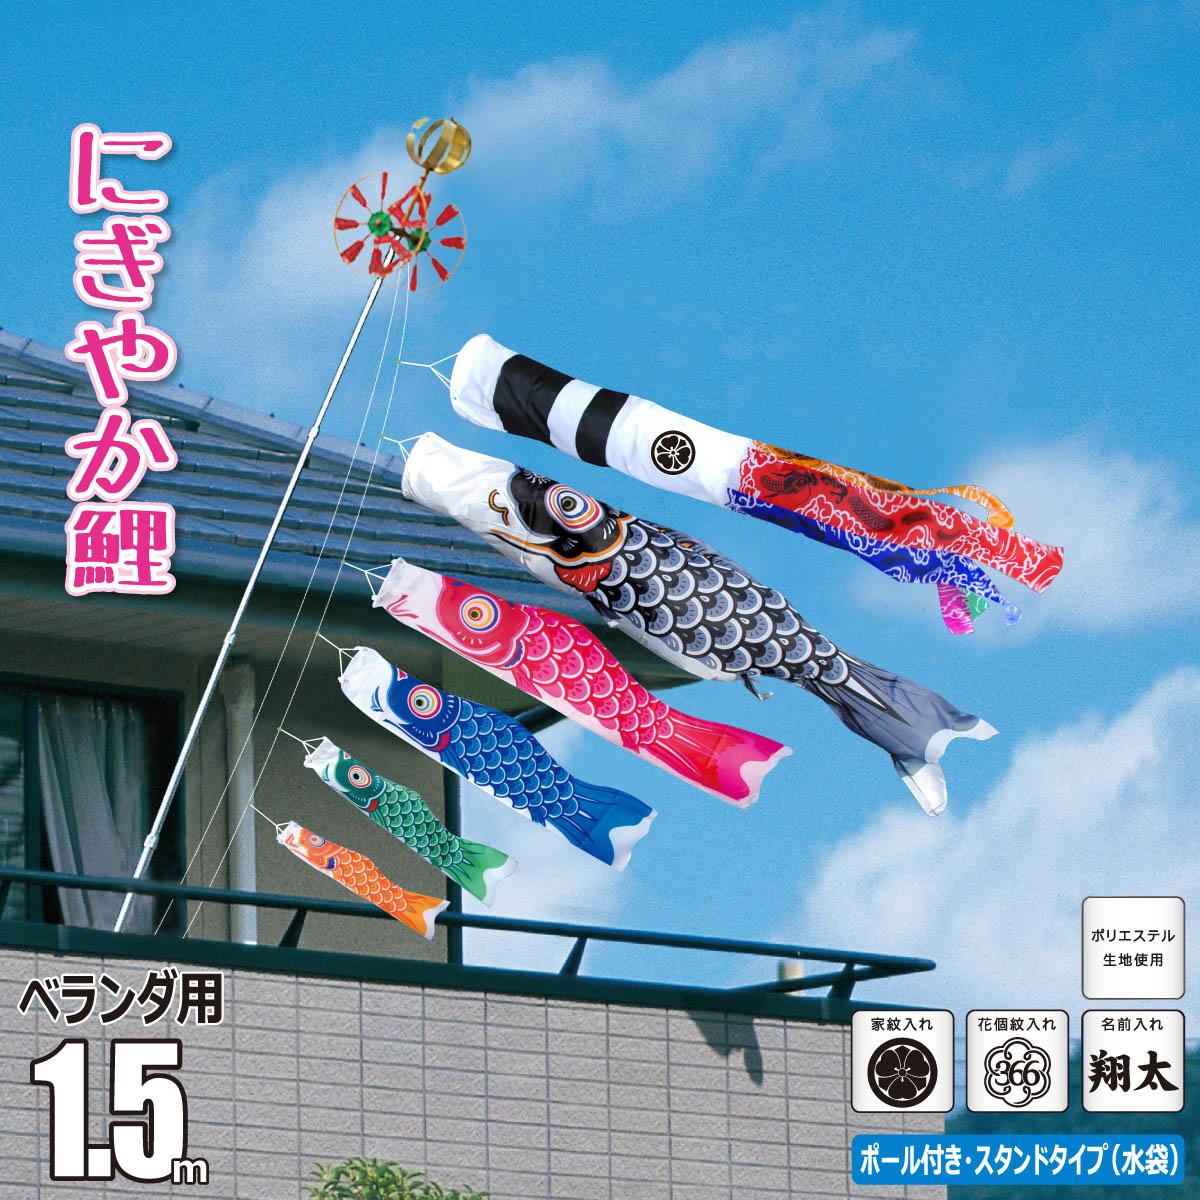 こいのぼり 1.5m にぎやか鯉 8点 (矢車、ロープ、吹流し、鯉5匹) ベランダ用 スタンドセット (ベランダ用 スタンド付き) 徳永鯉のぼり KIT-122-359-BS